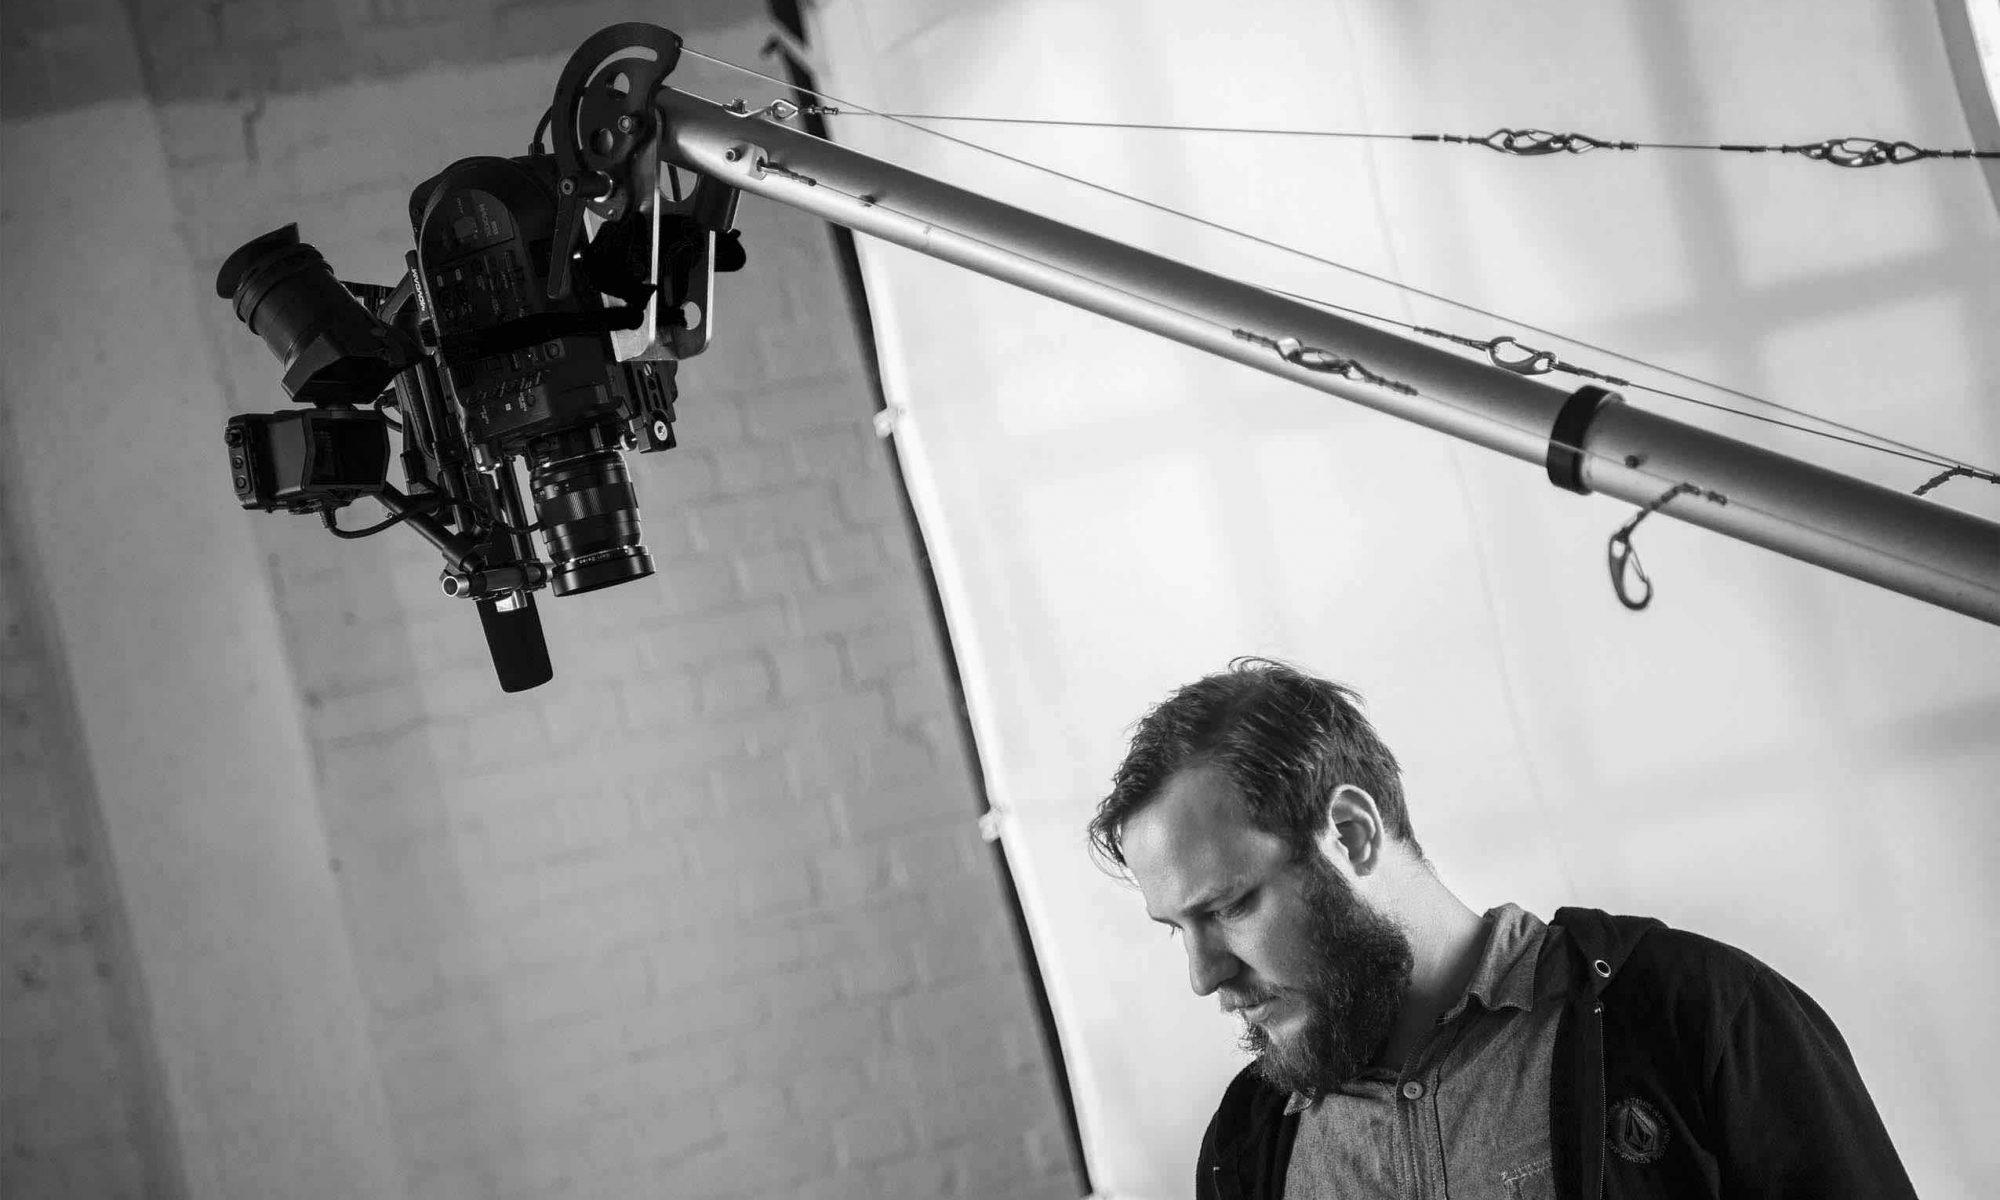 Kameramann Jan-Malte Enning